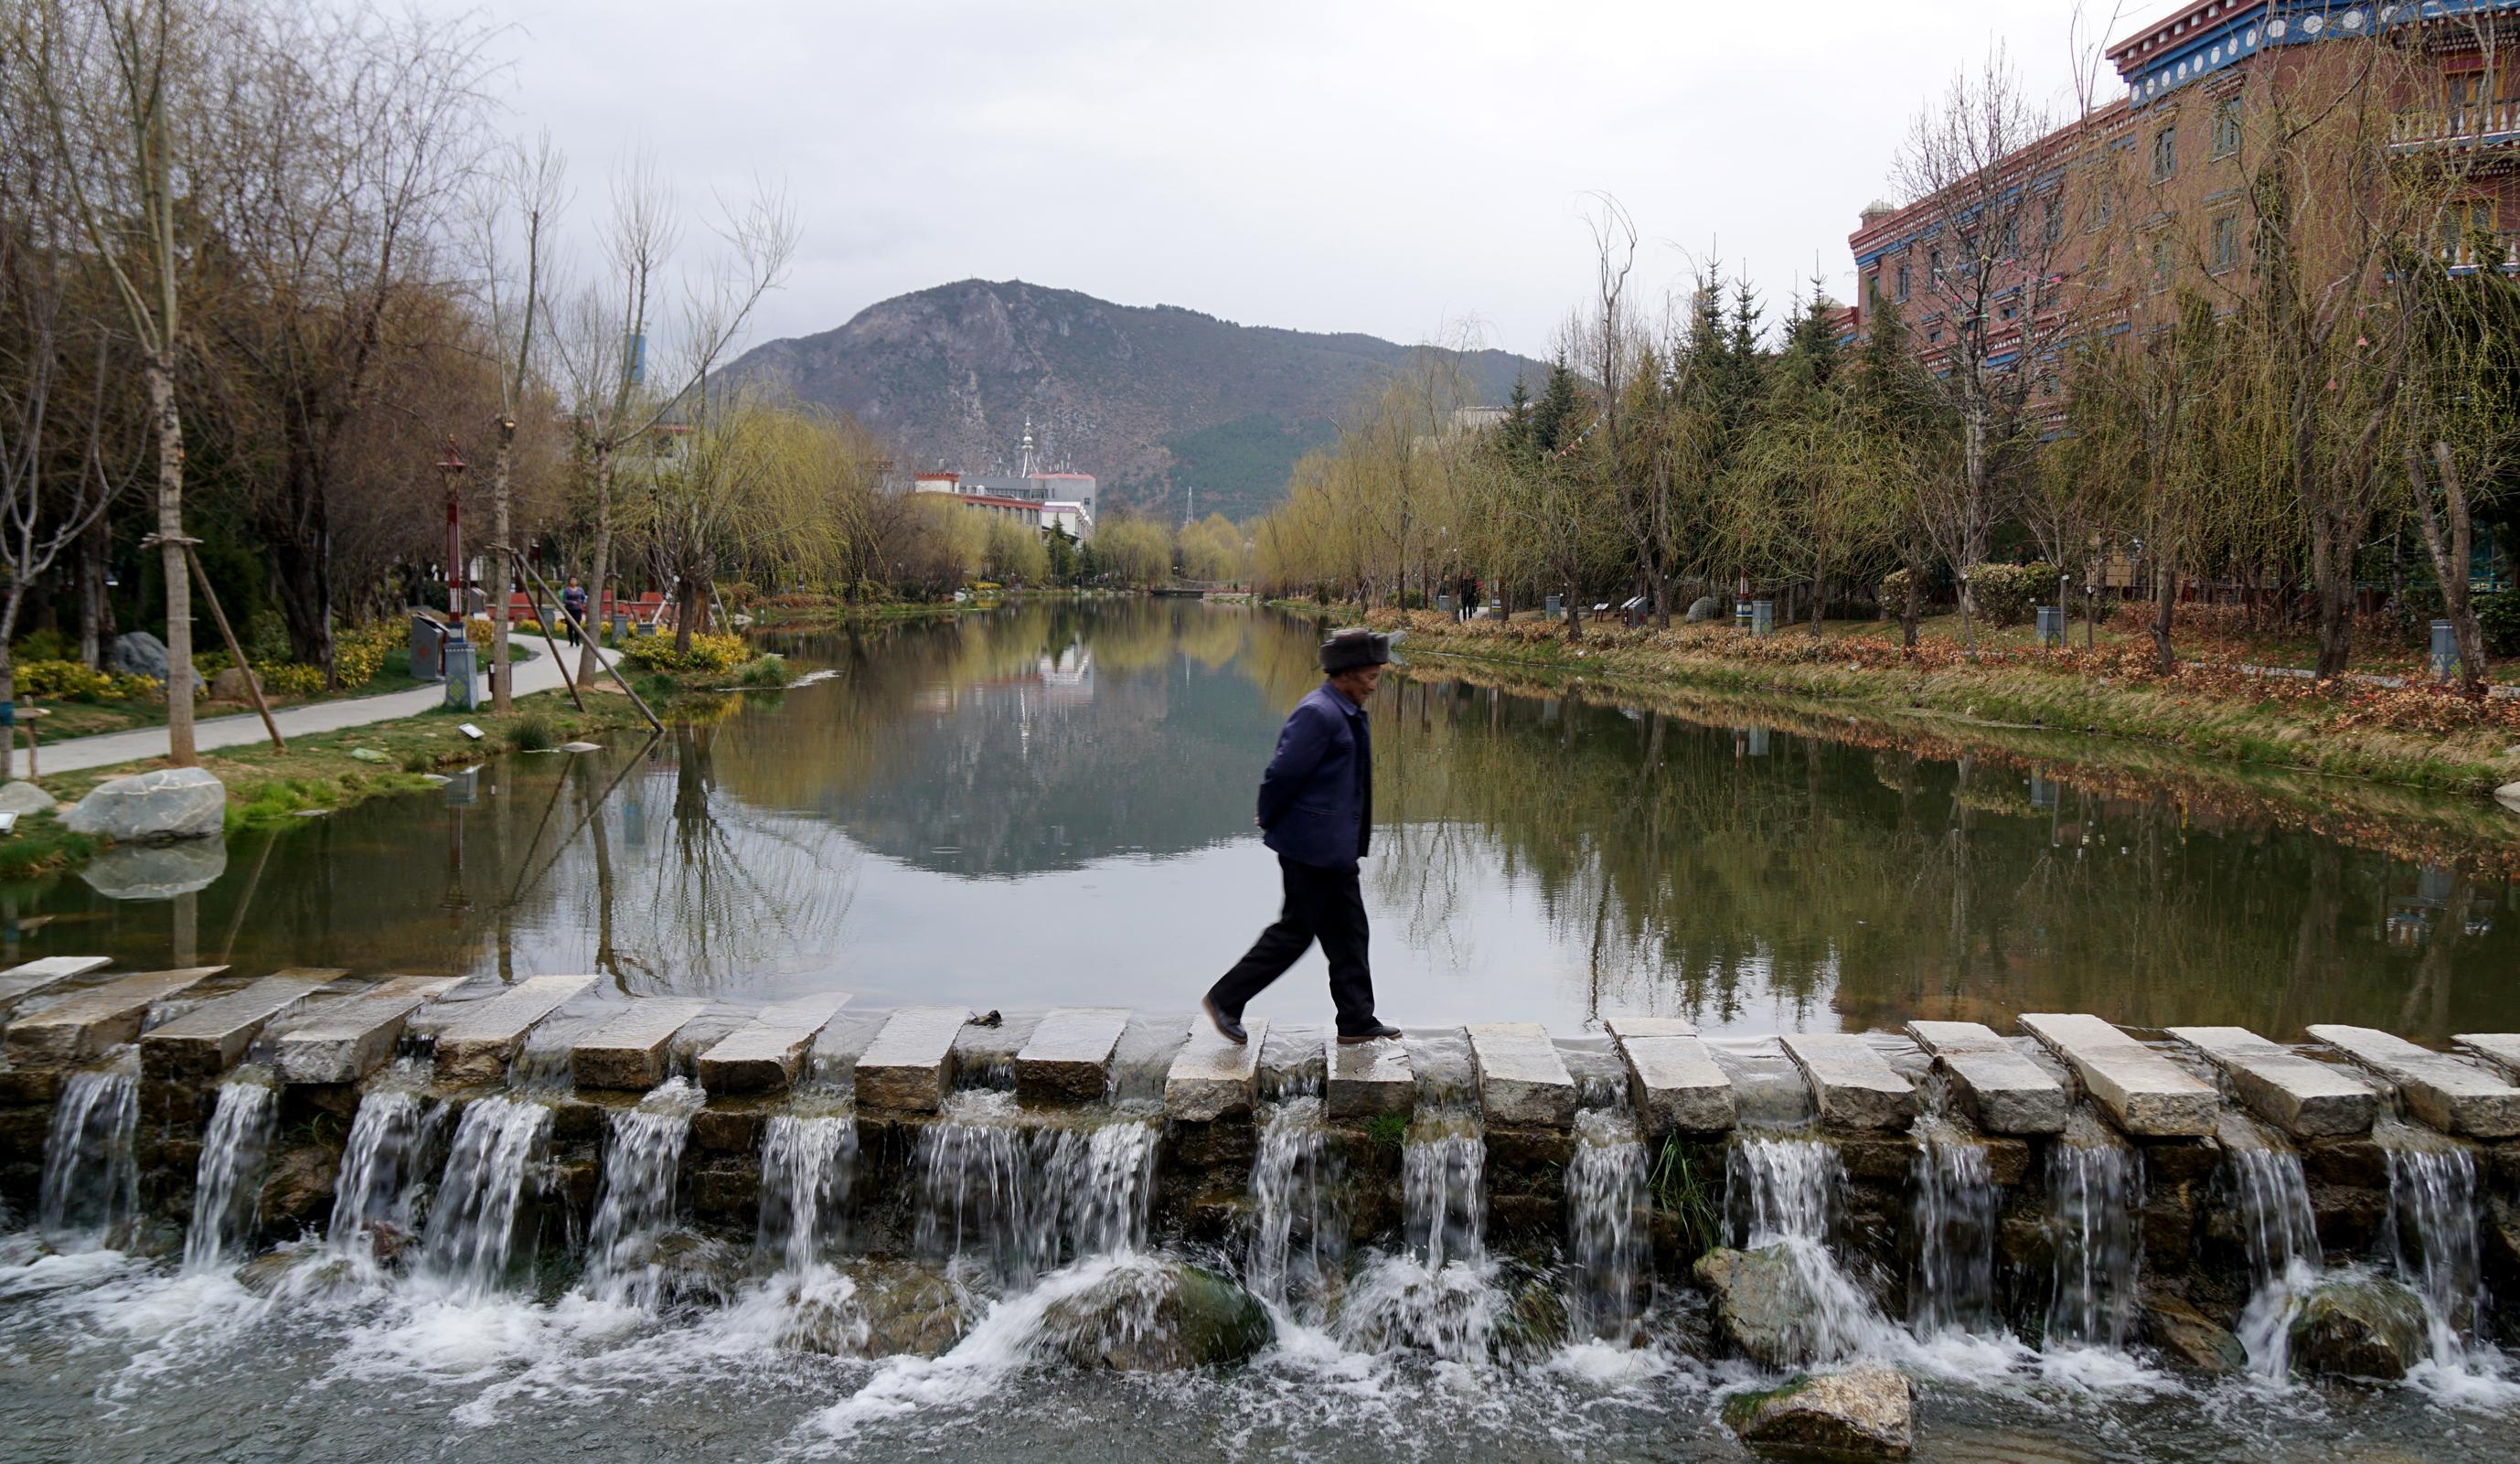 龙潭湖公园休闲散步好去处